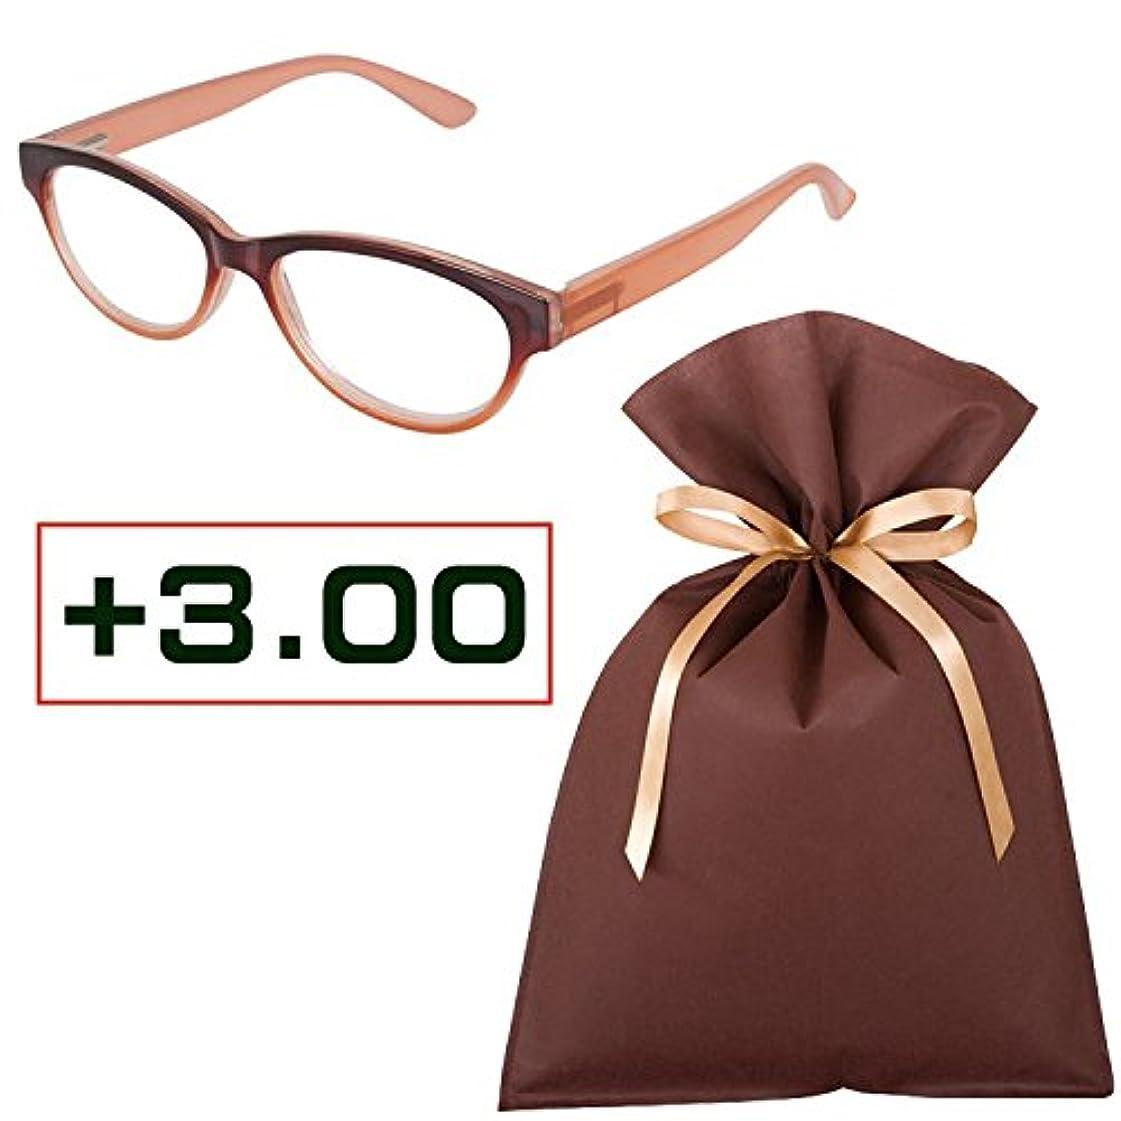 老眼鏡ギフトセット(+3.00)READING GLASSES BROWN_PINK 3.0